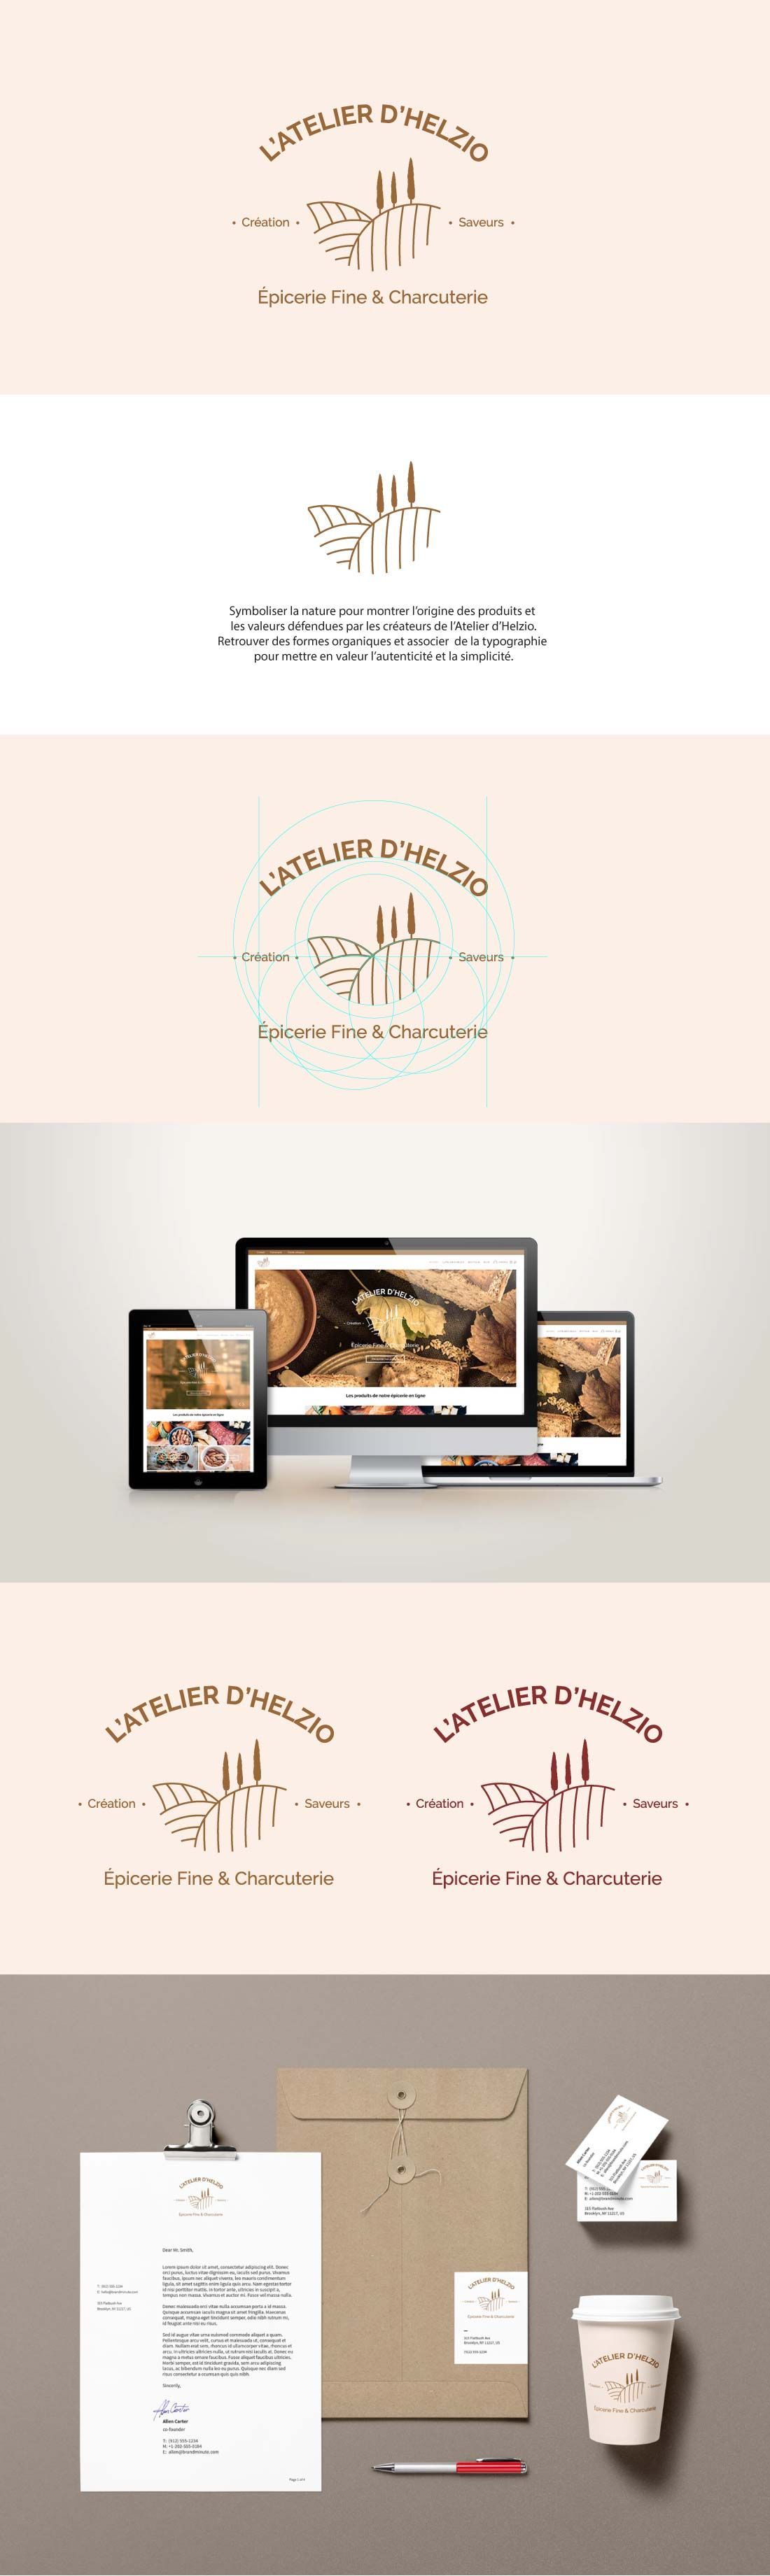 création identité visuelle d'une épicerie en ligne et mise en place d'une solution e-commerce